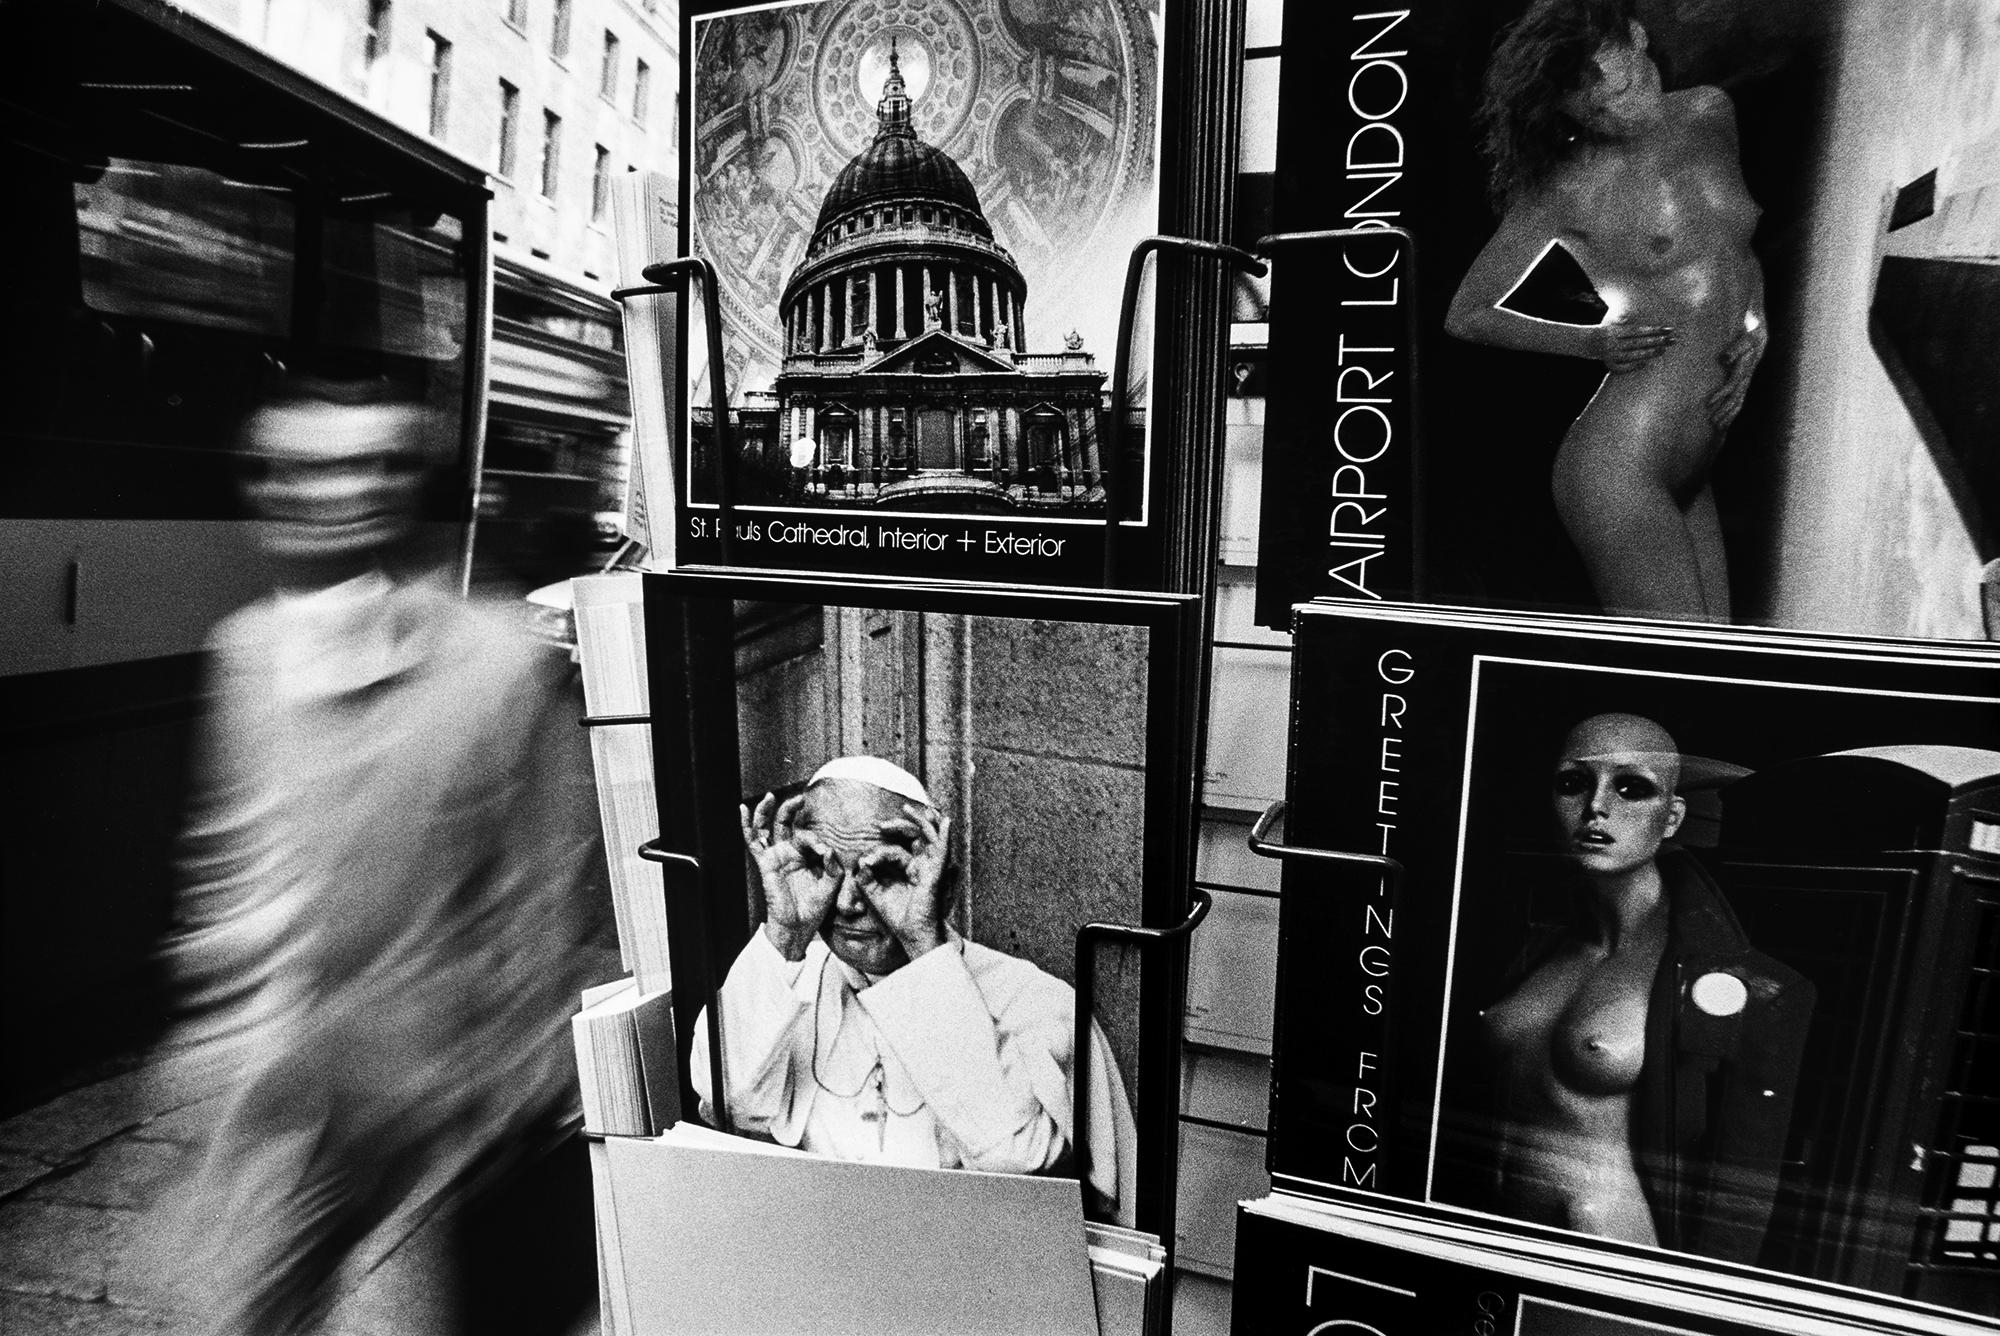 Gaspar Gasparian - La mirada. Londres. Gentileza Galería Carmen Araujo